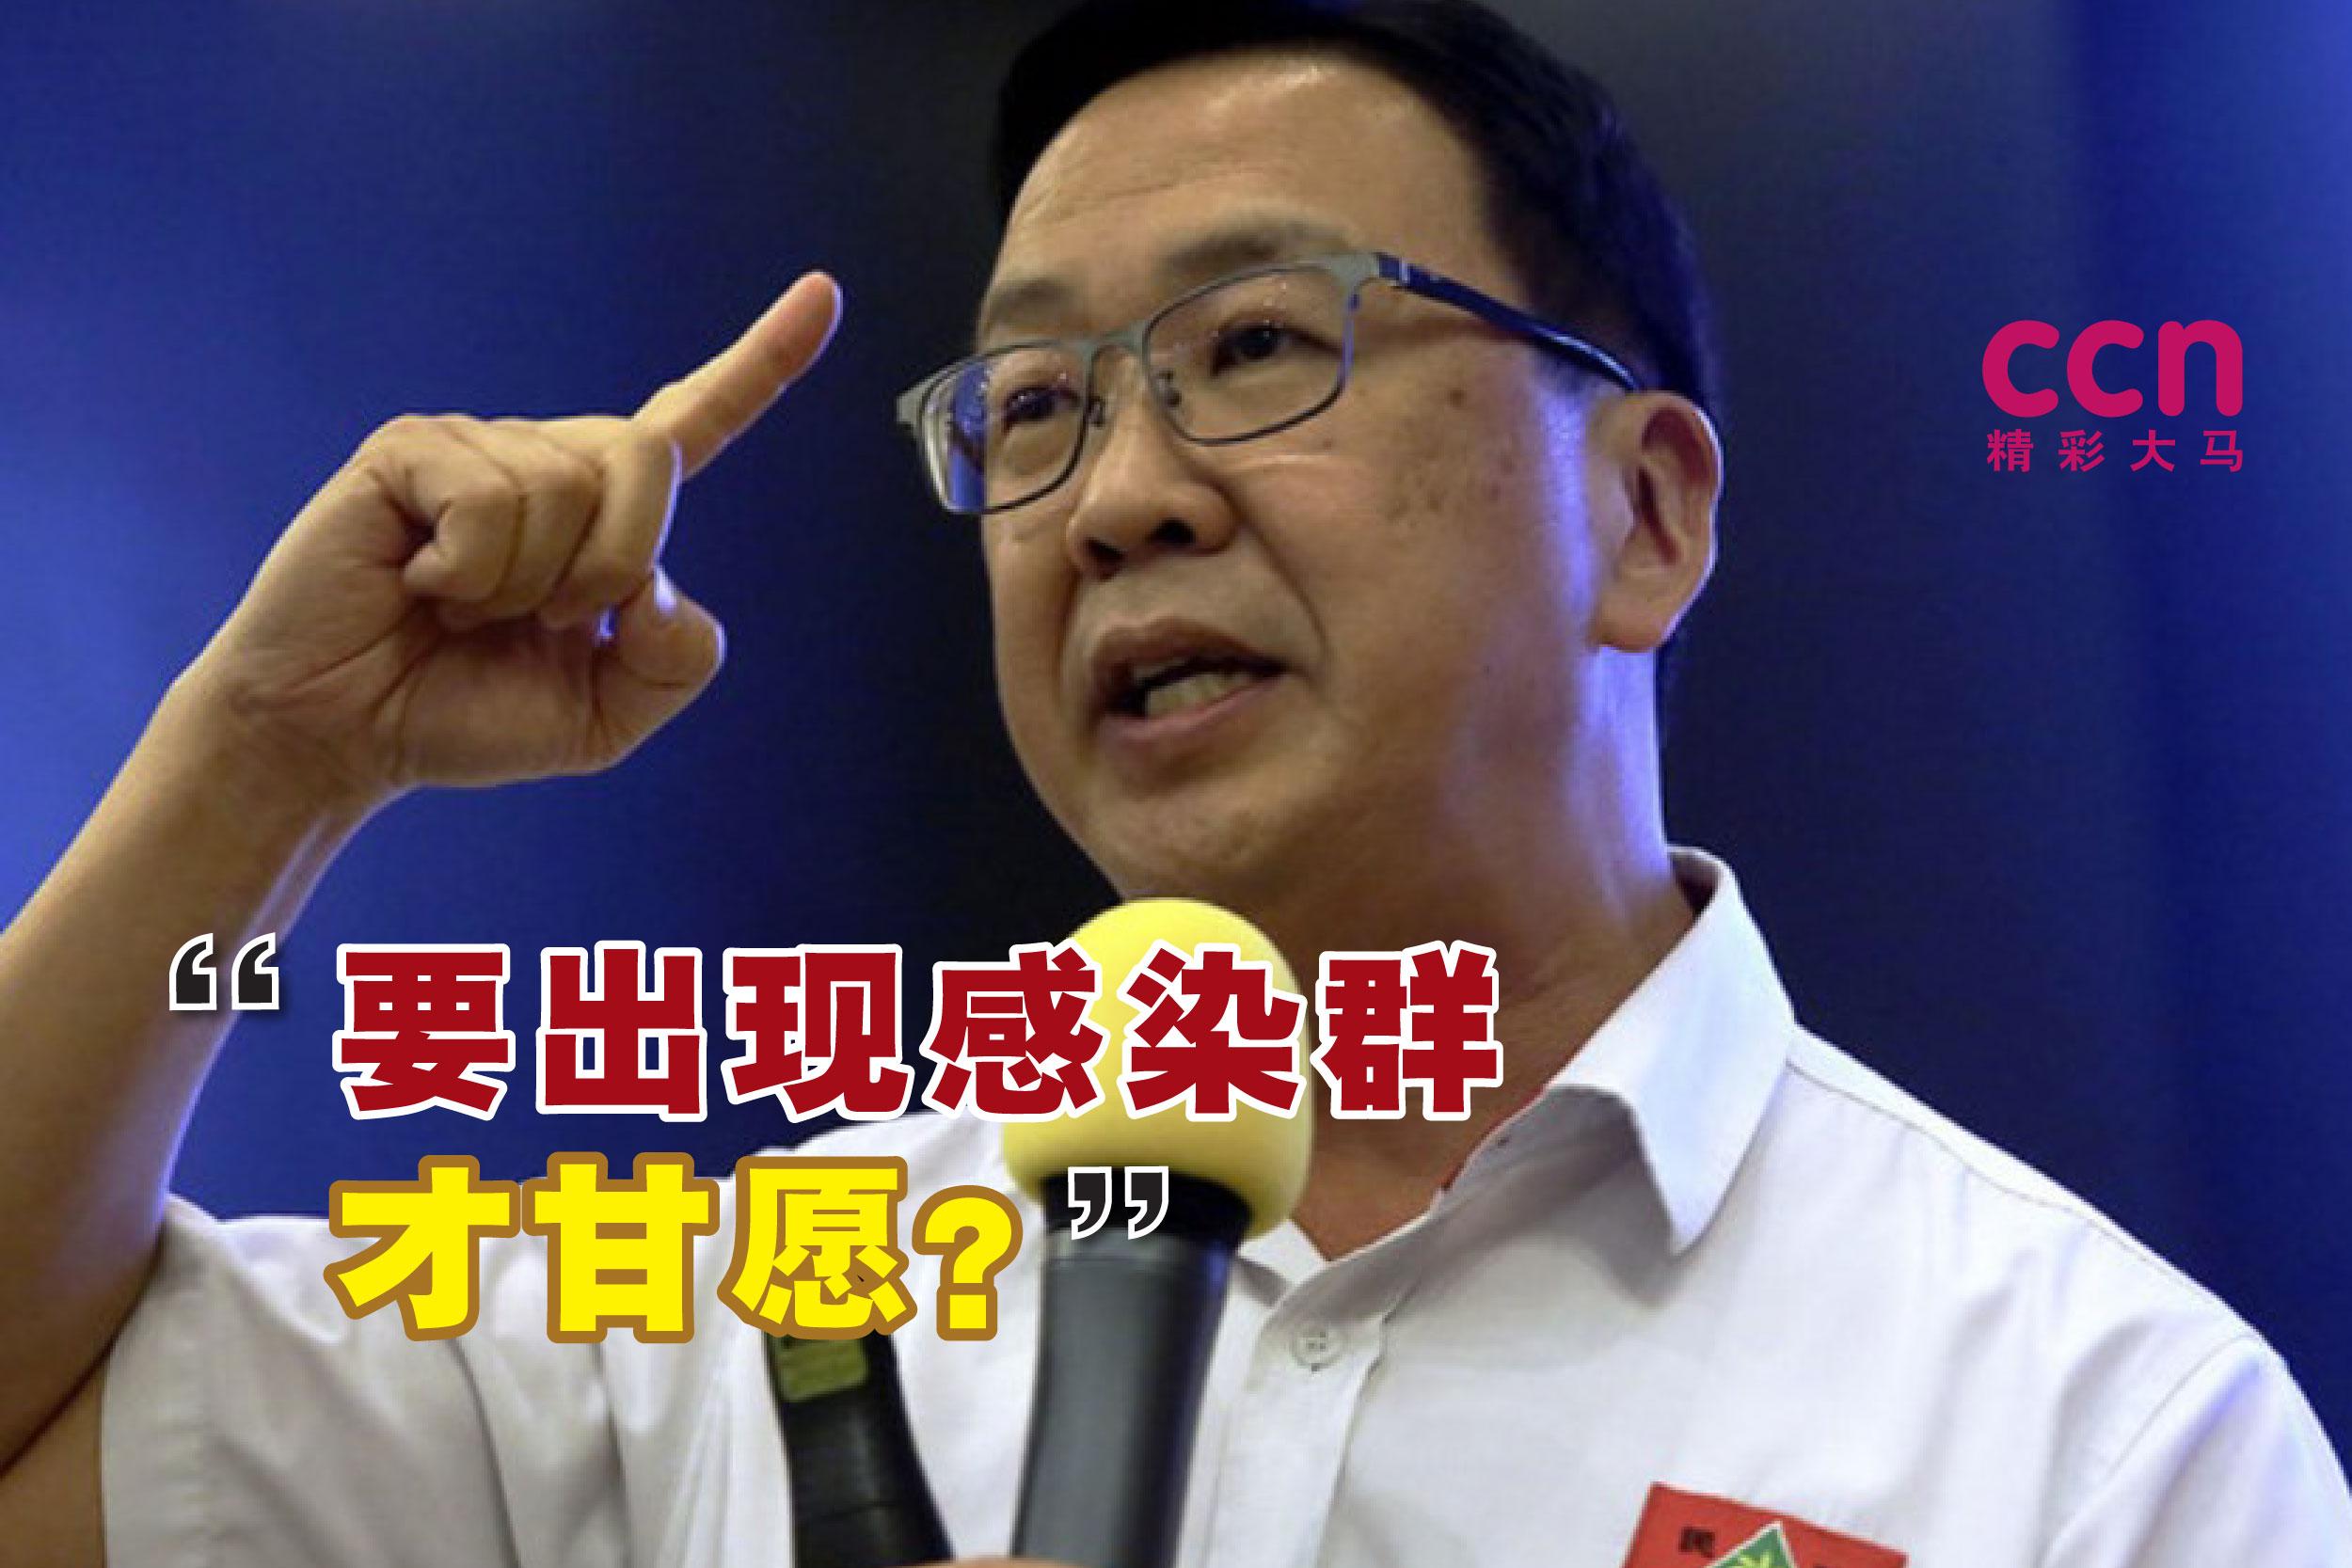 刘华才反问希盟国会议员,是否要导致国会出现感染群才满意?-精彩大马制图-